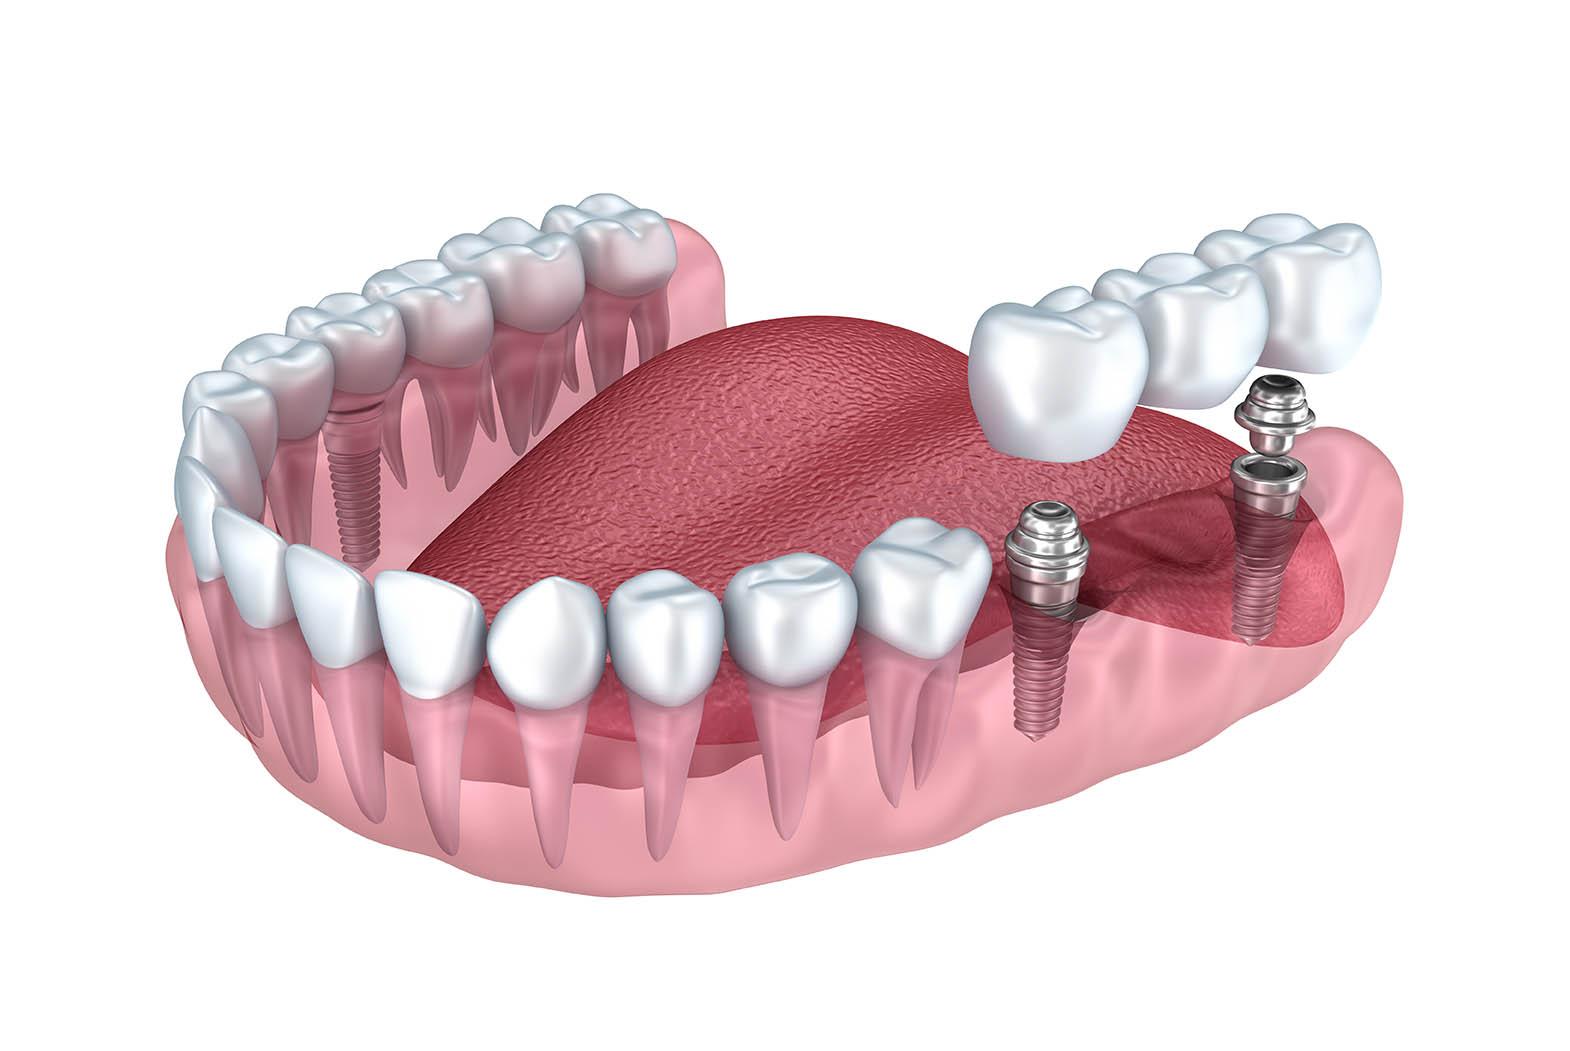 Implant dentaire Lyon : quels sont les inconvénients de cette technologie ?